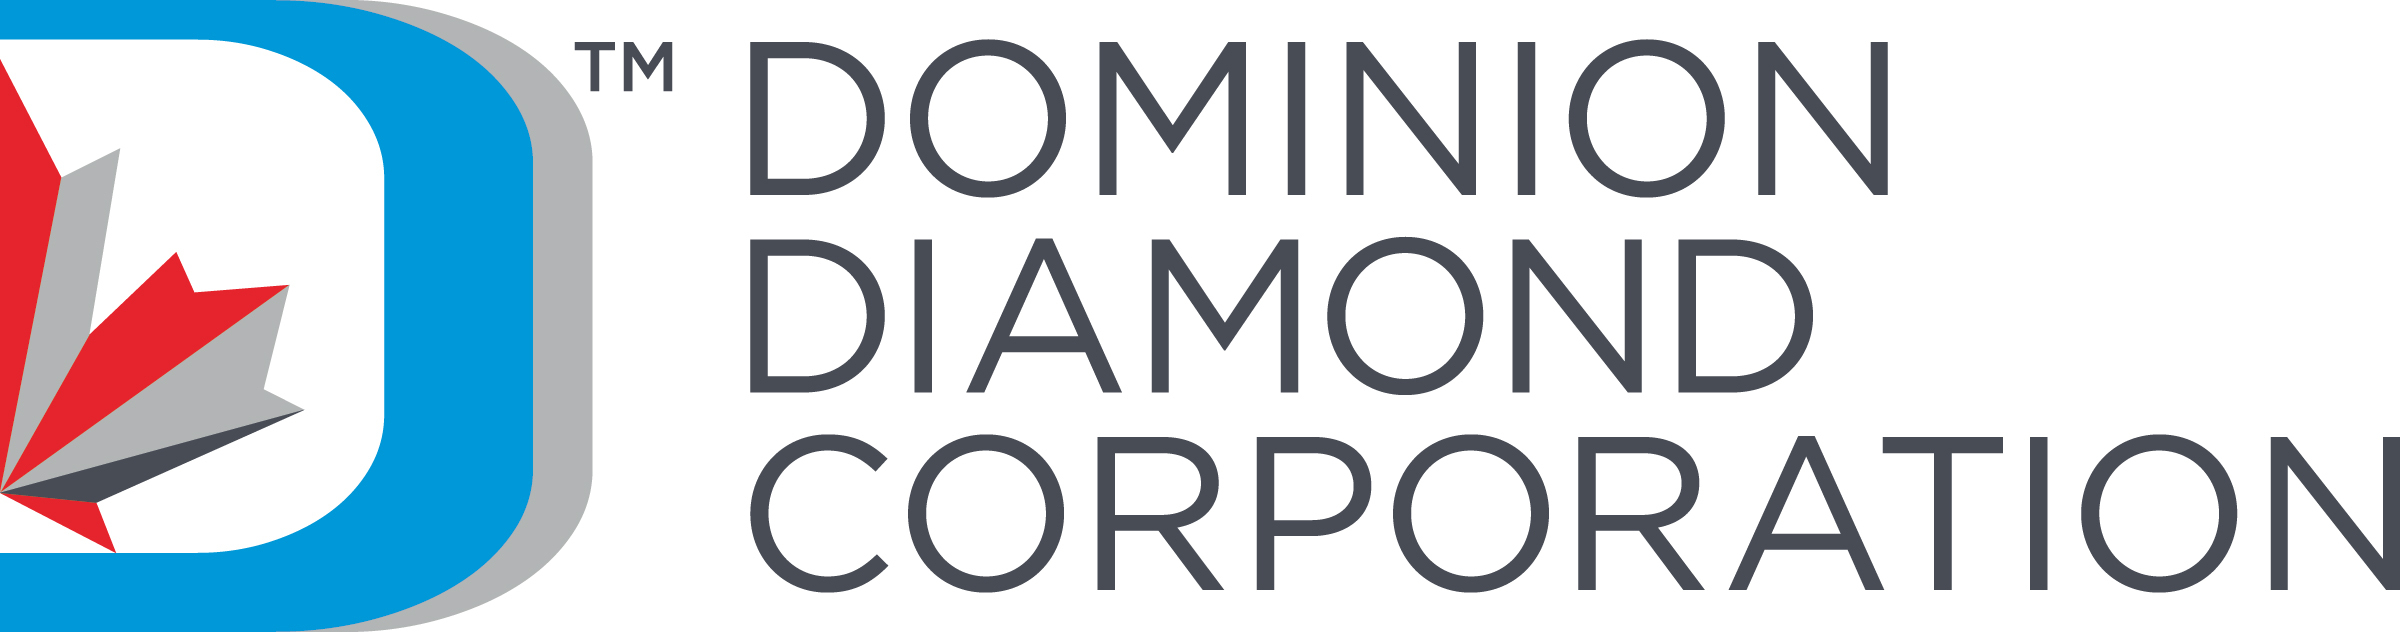 Bildergebnis für dominion diamond corporation